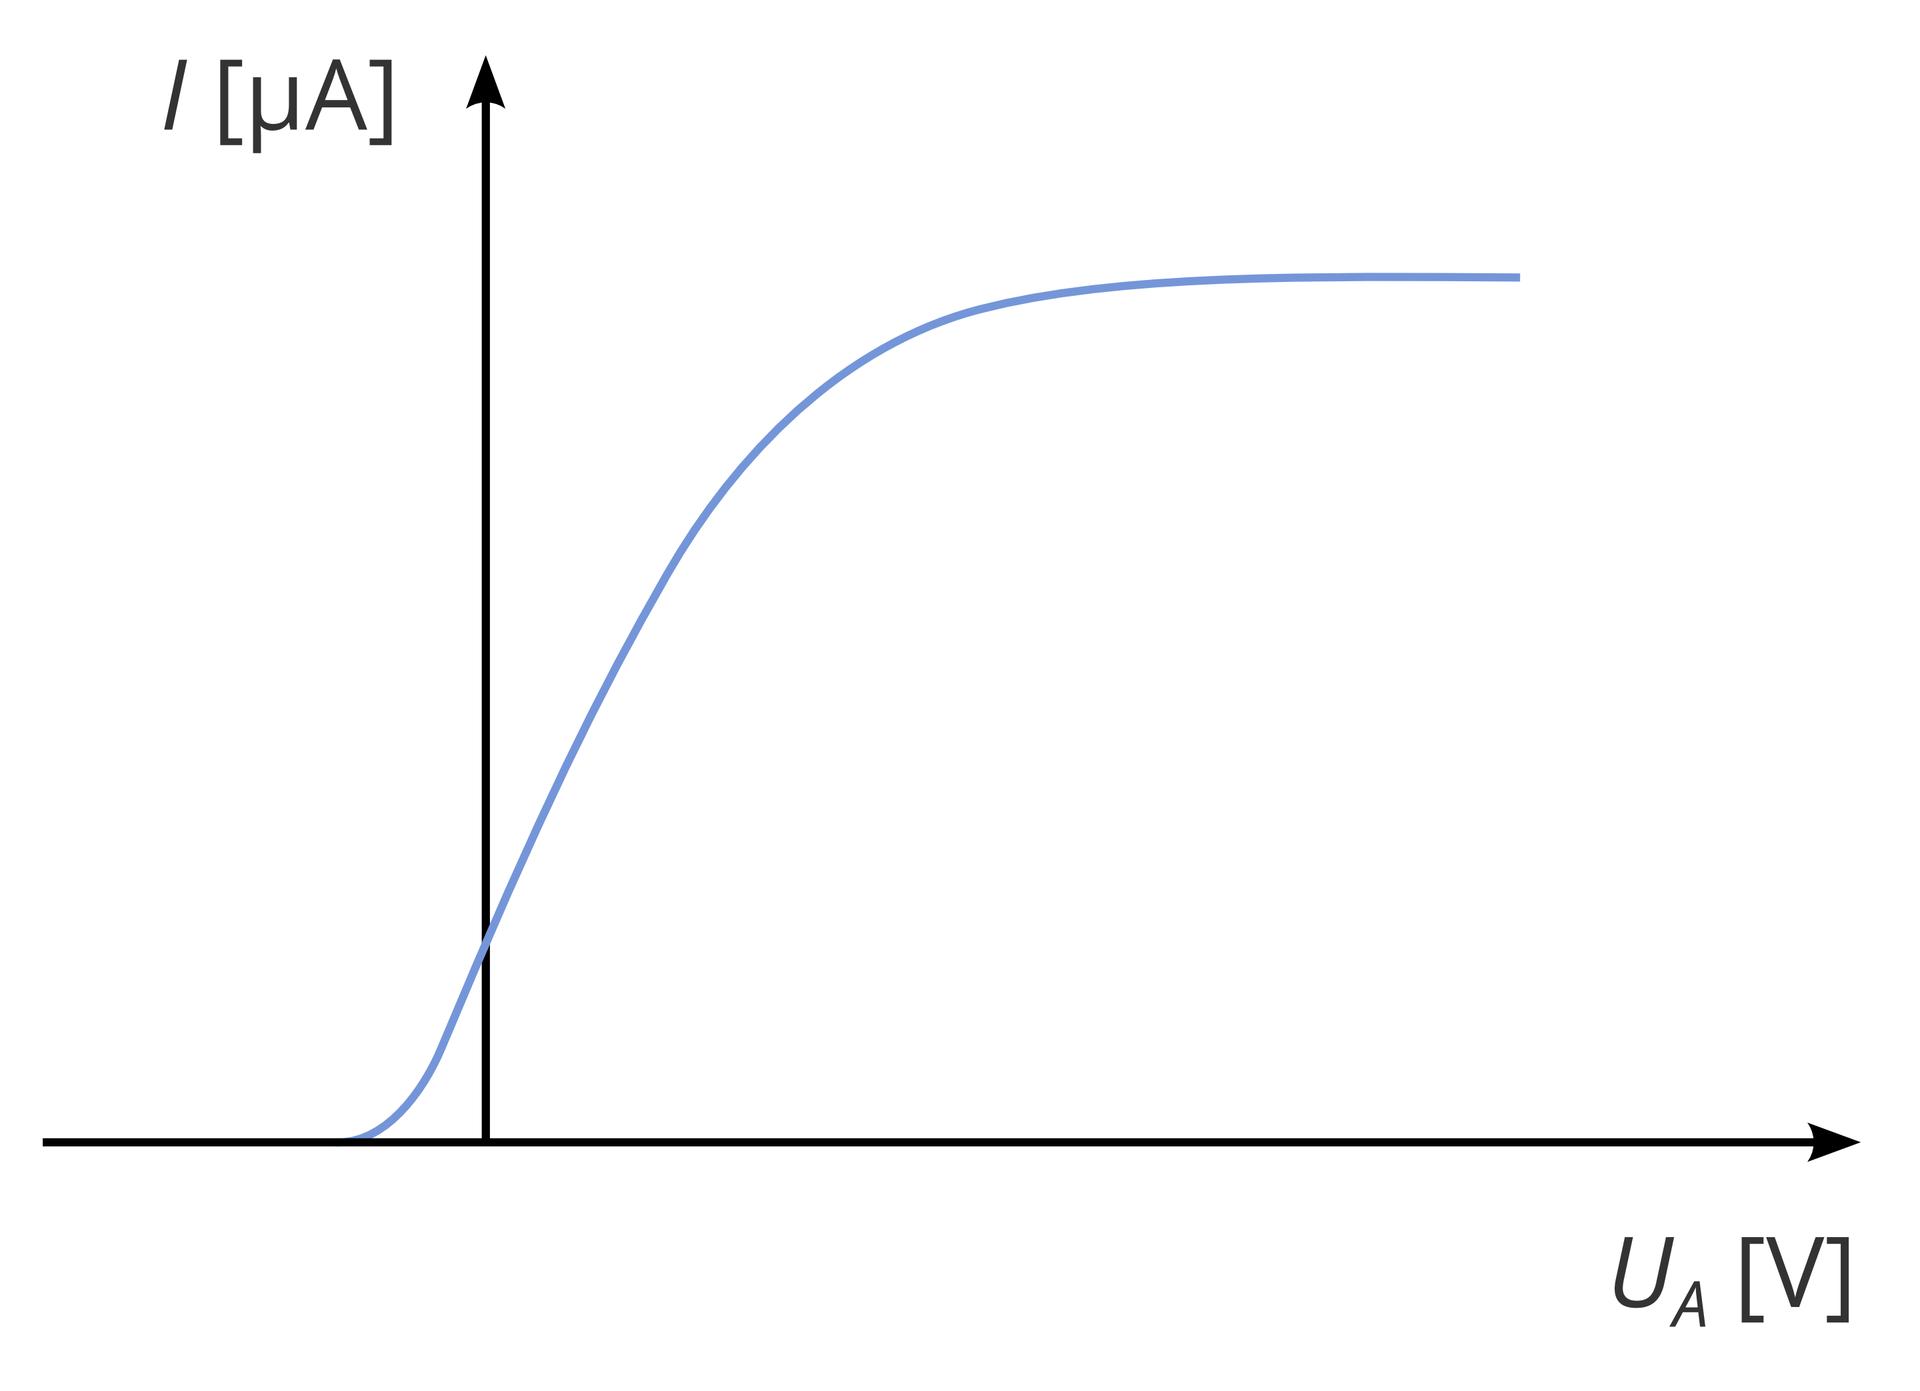 """Ilustracja przedstawia wykres nasycenia fotoprądu. Pionowa oś wykresu to natężenie prądu. Oś zakończona czarnym grotem zwróconym wgórę. Obok, na lewo, duża litera """"i"""", wnawiasie kwadratowym litera grecka """"mi"""" oraz duża litera """"a"""". Zapis wskazuje natężenie fotoprądu wmikroamperach. Oś pozioma wskazuje napięcie prądu. Na końcu osi czarny grot strzałki skierowany wprawo. Poniżej zapis: duża litera """"u"""", poniżej duża litera """"a"""". Wnawiasie kwadratowym duża litera """"v"""". Zapis to napięcie wyrażone wwoltach. Oś pionowa opiera się na osi poziomej trzy centymetry od punktu początkowego osi poziomej. Wykres wskazujący nasycenie prądu to niebieska linia. Fala swój początek ma na osi poziomej, osiem milimetrów za osią pionową, na lewo. Wzrasta iprzecina oś pionową dwa centymetry nad osią poziomą. Fala rośnie stopniowo wgórę na prawo od osi pionowej. Na wysokości około sześciu centymetrów fala wyrównuje poziom. Następuje nasycenie prądu. Linia fali jest ułożona poziomo."""